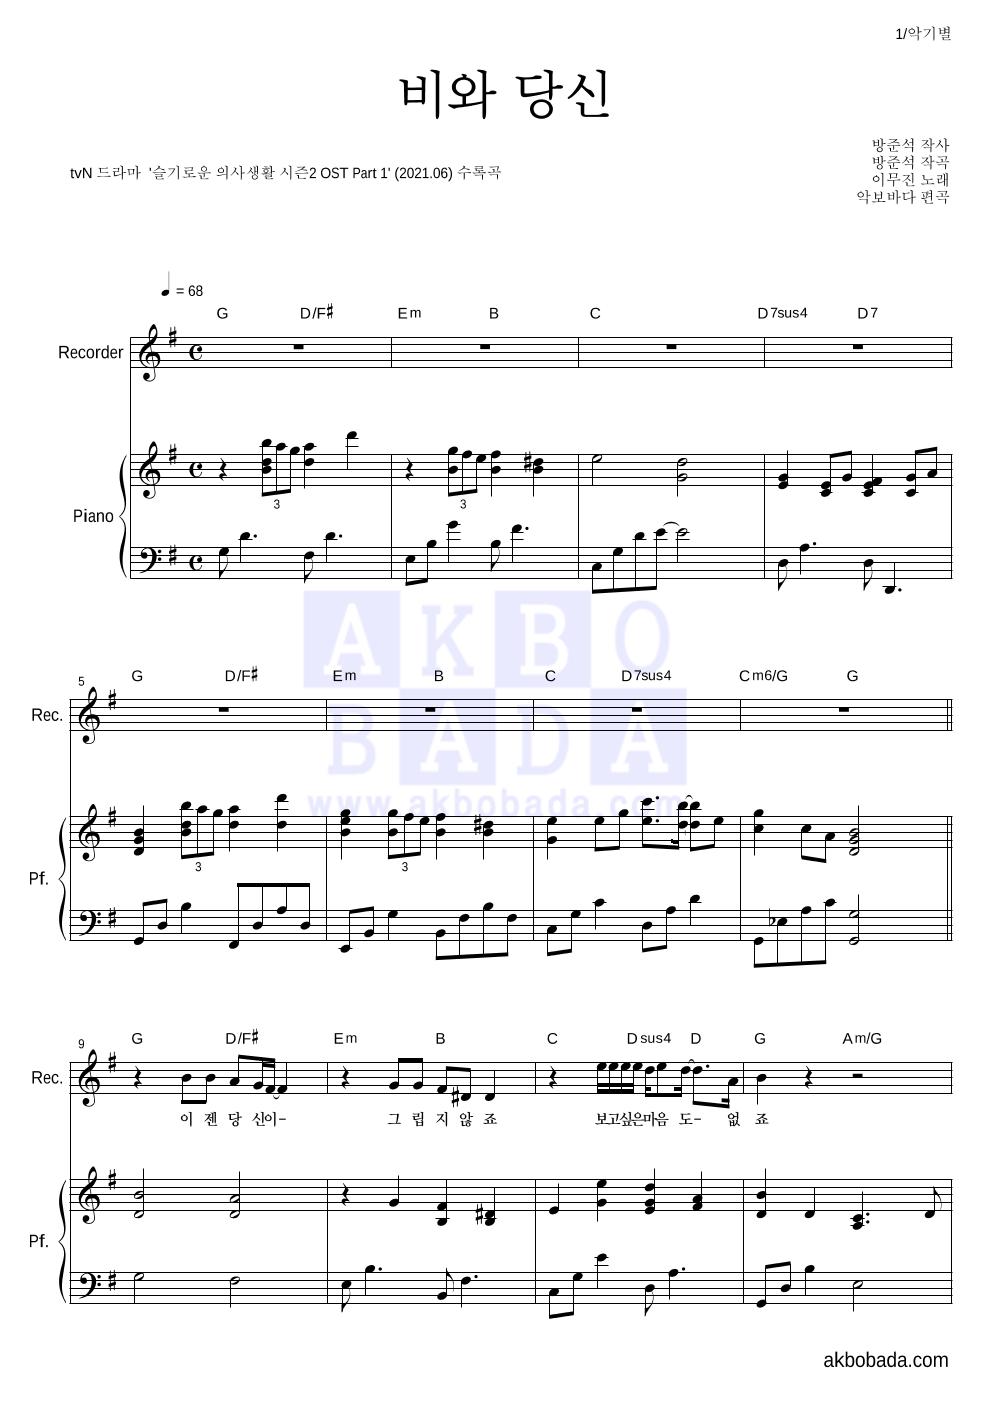 이무진 - 비와 당신 리코더&피아노 악보